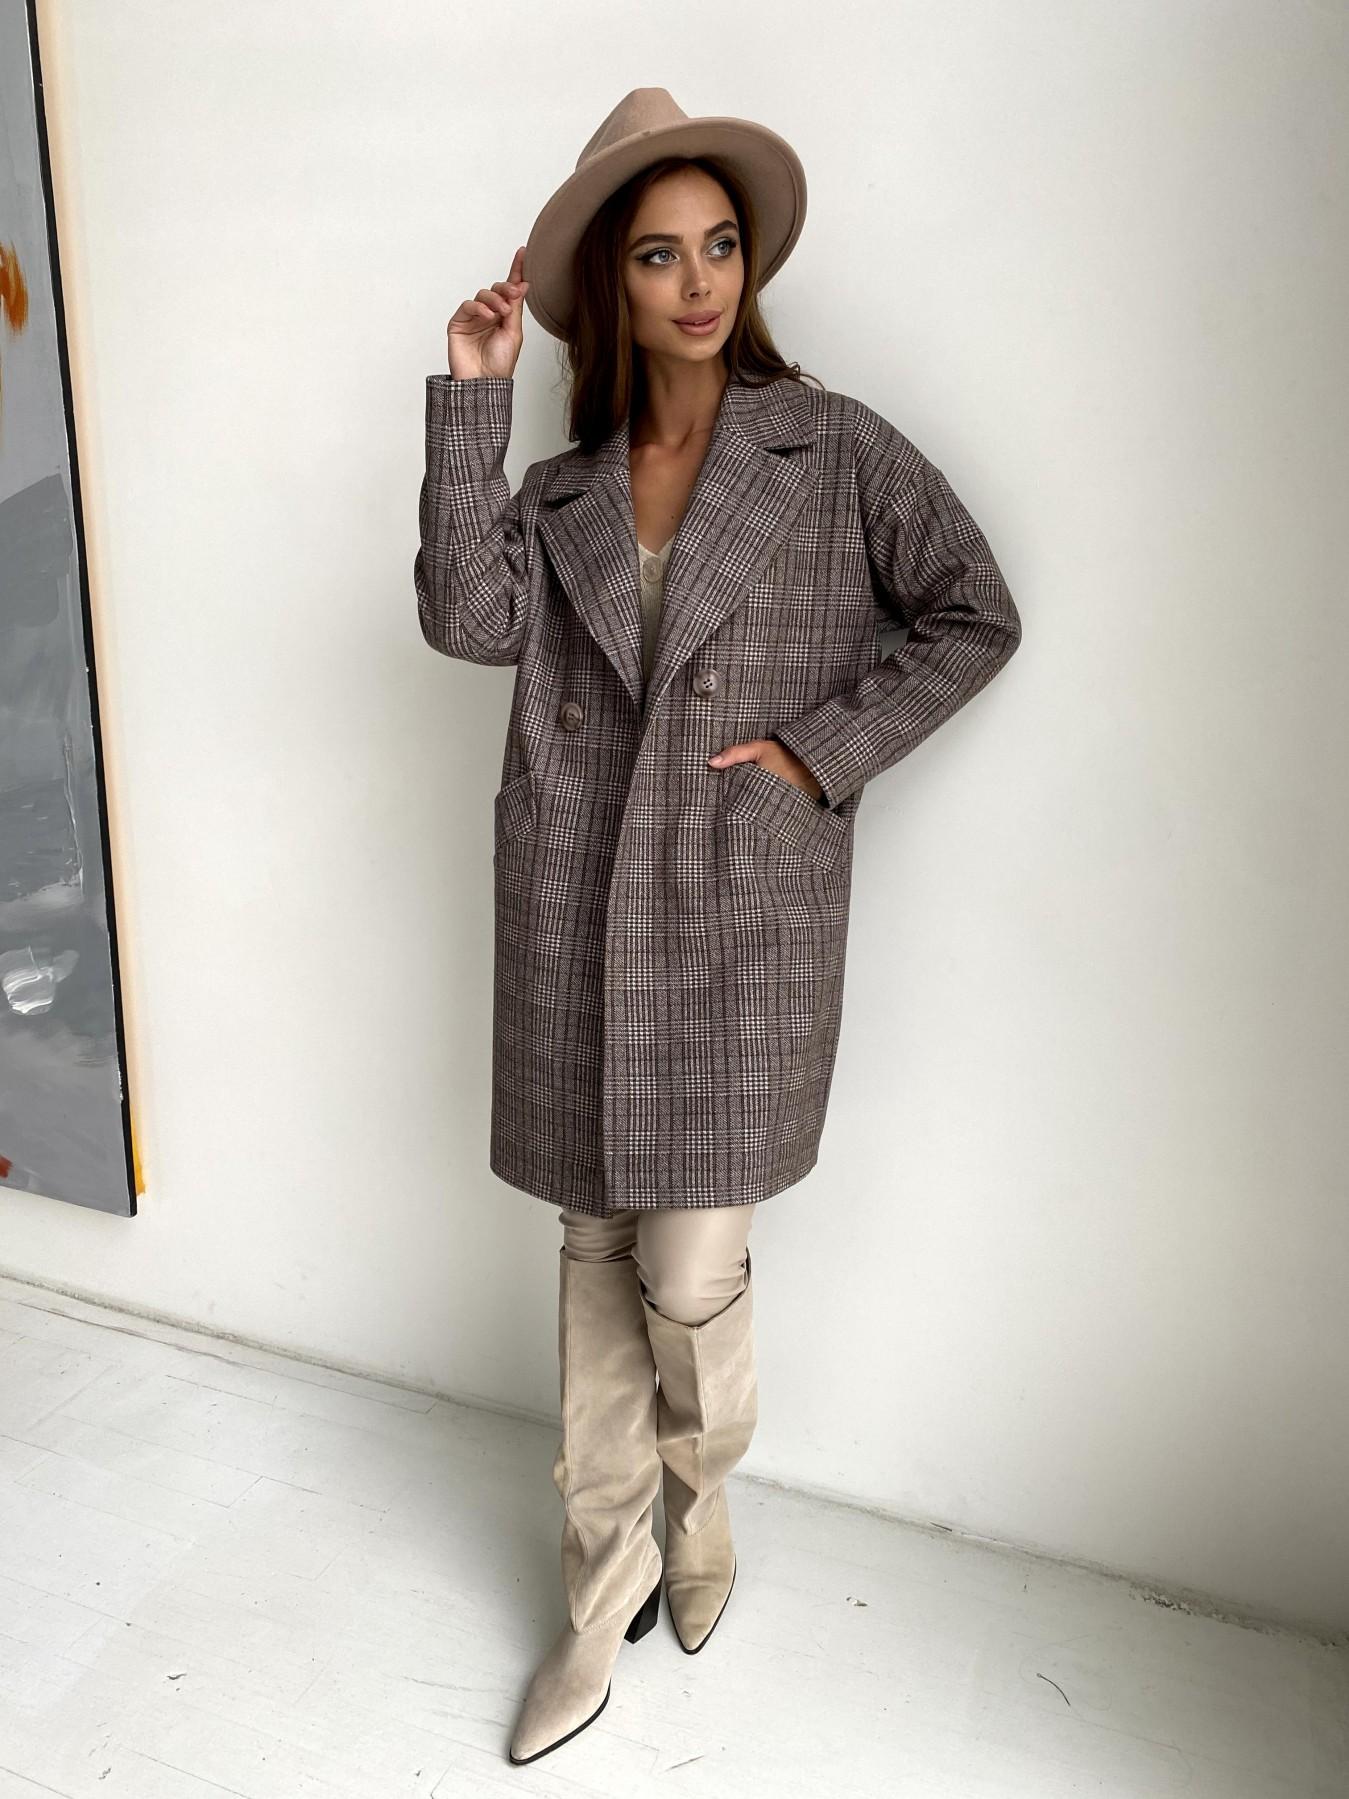 Сенсей пальто в клетку из тонкого кашемира 11754 АРТ. 48495 Цвет: Кофе/Молоко/КлетКомб - фото 4, интернет магазин tm-modus.ru